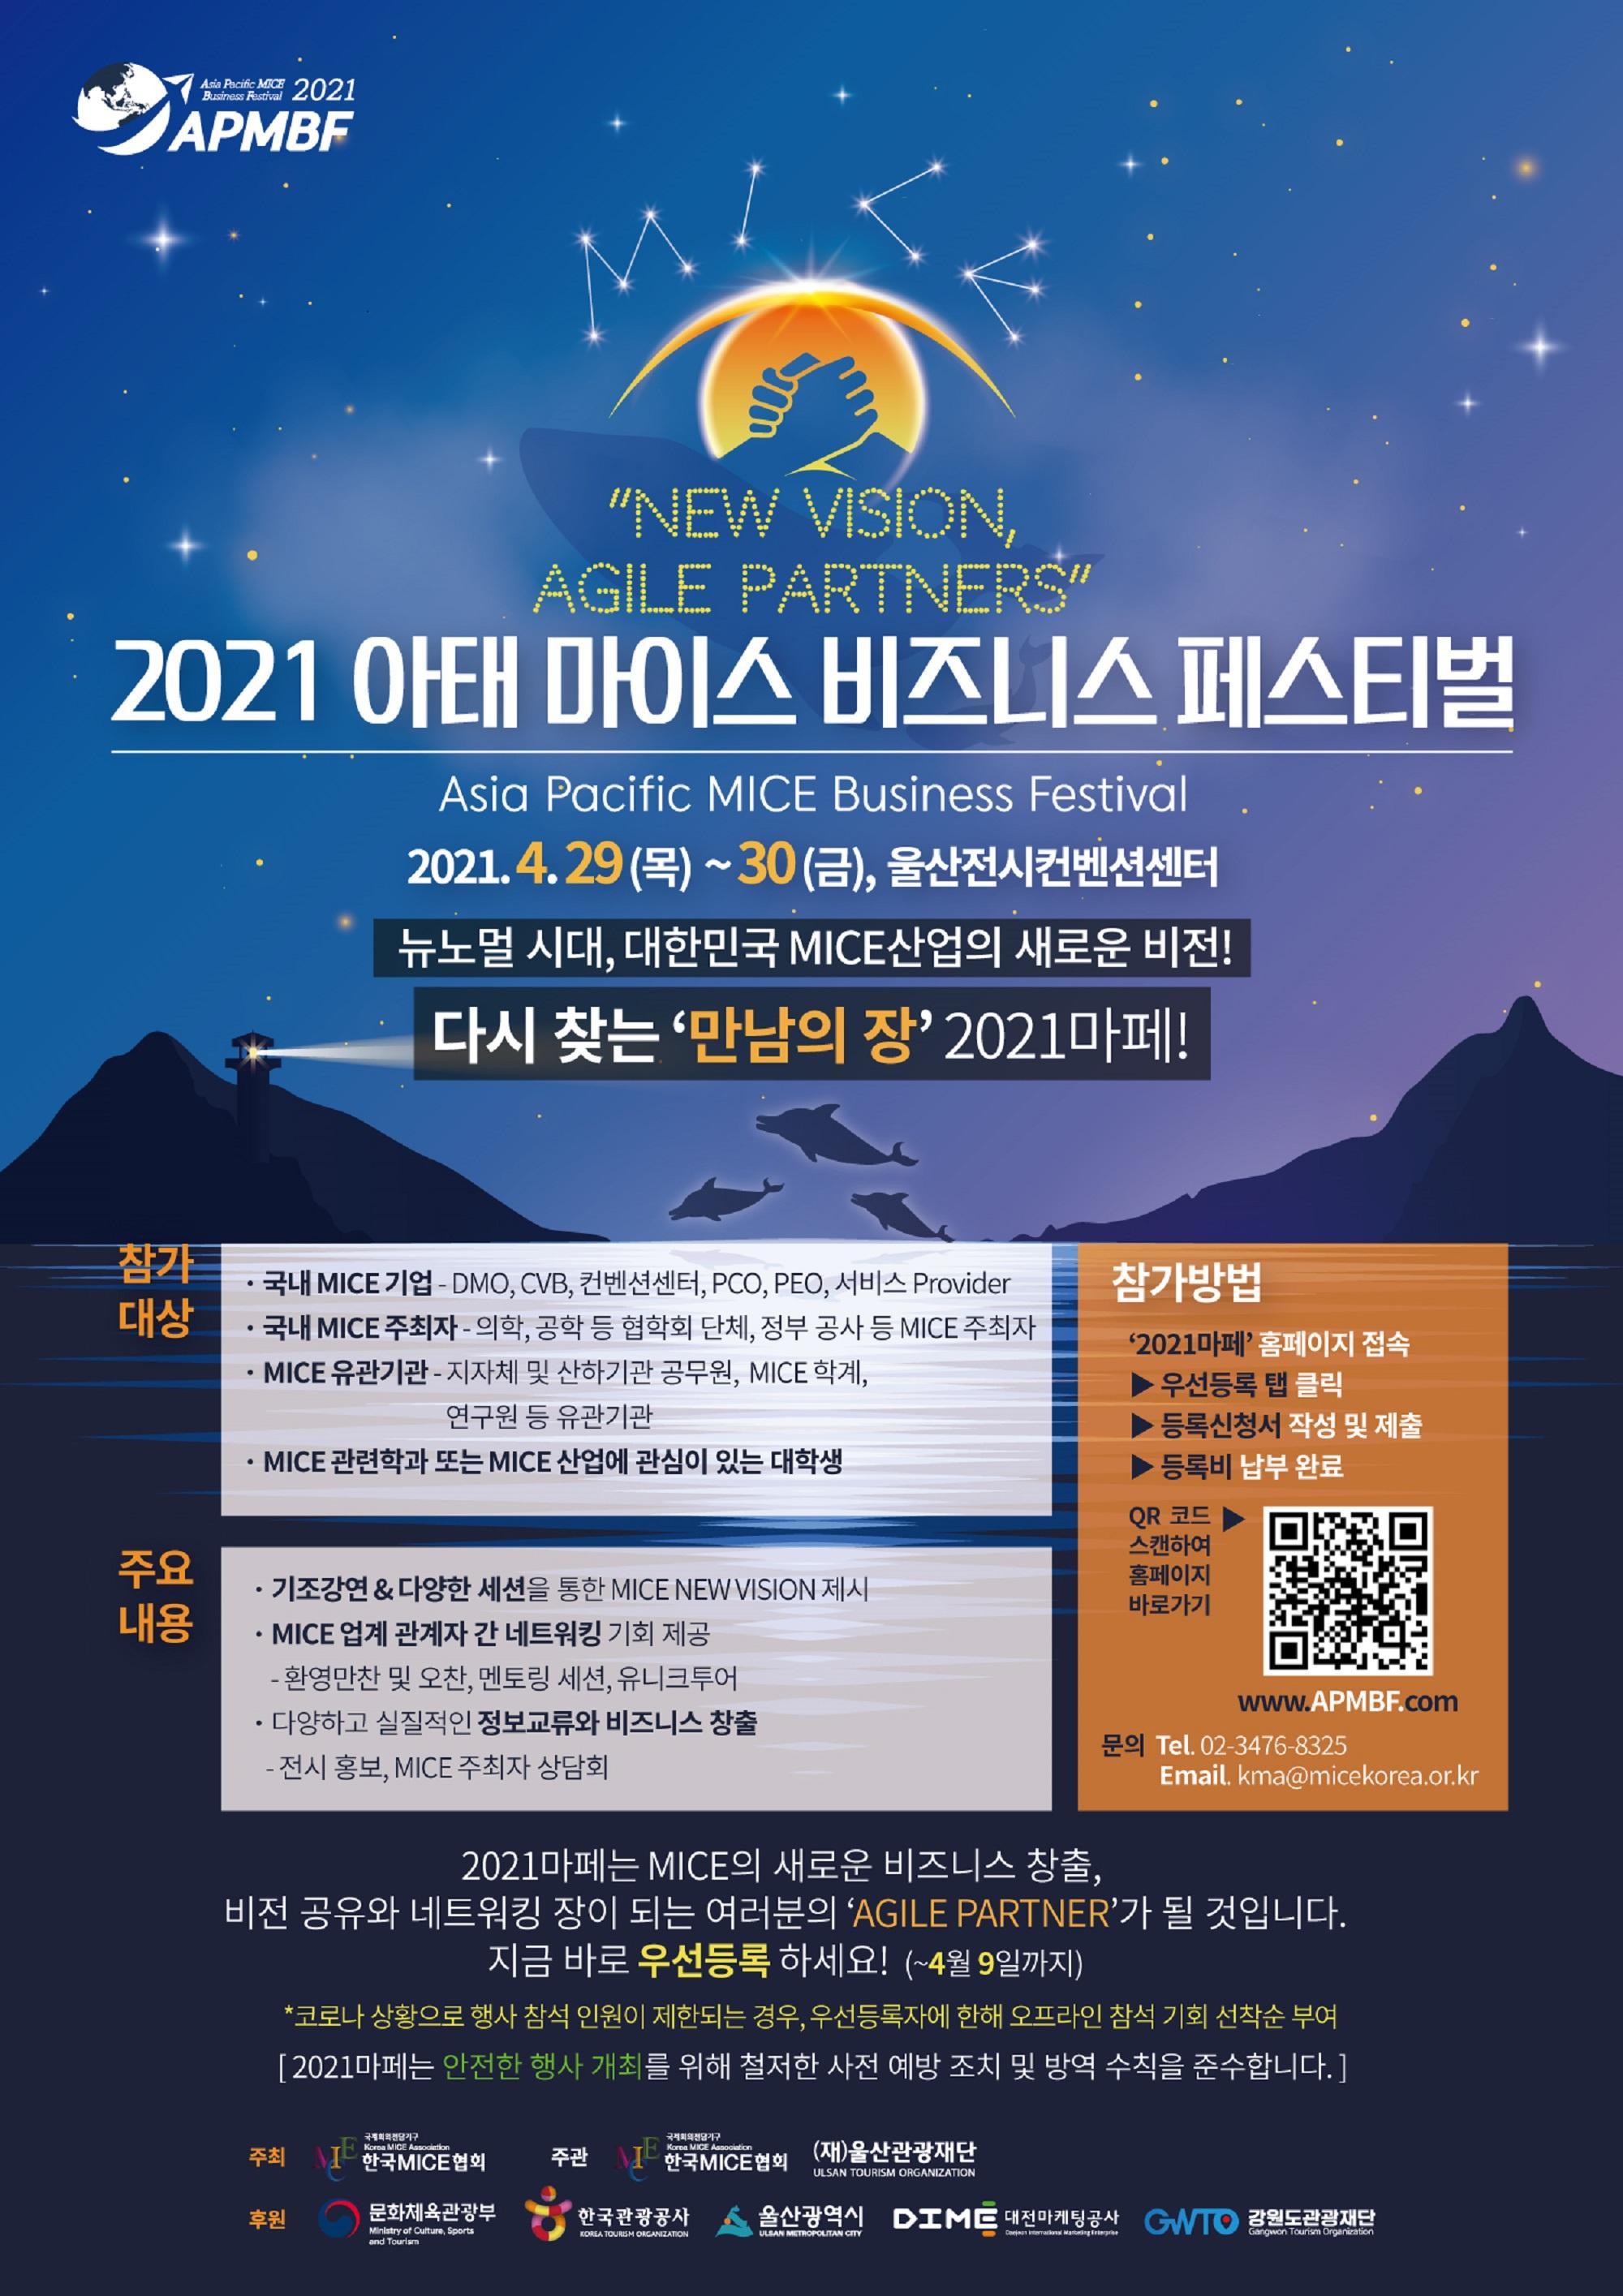 '2021 아태 마이스 비즈니스 페스티벌' 이달 29일 울산서 개최